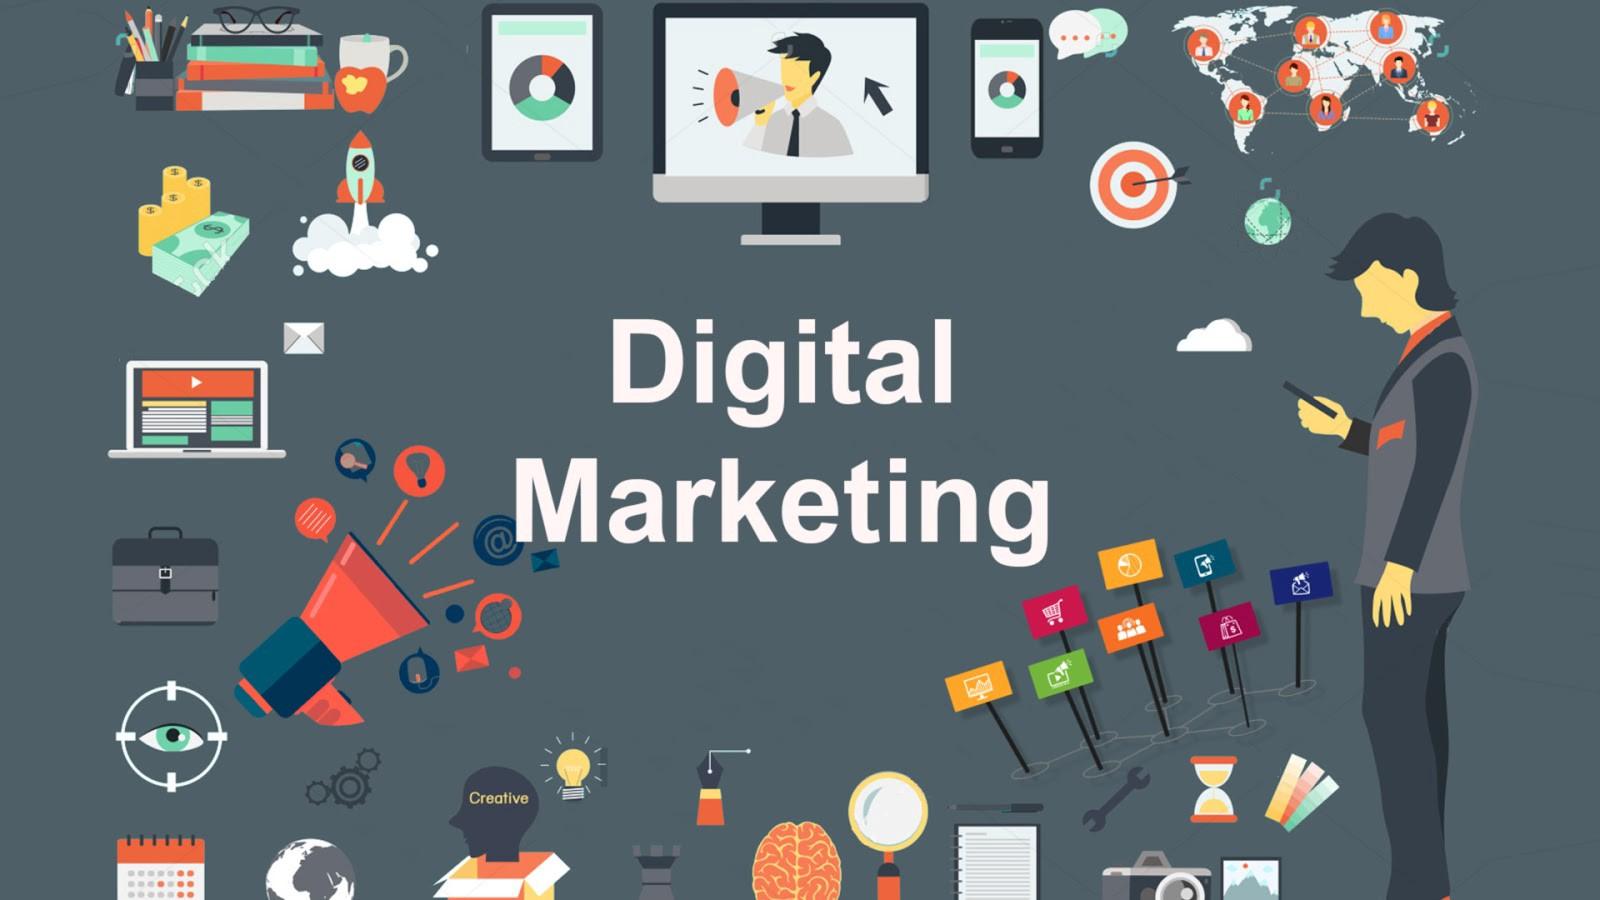 Giải pháp dịch vụ digital marketing giúp bạn làm chủ kinh doanh